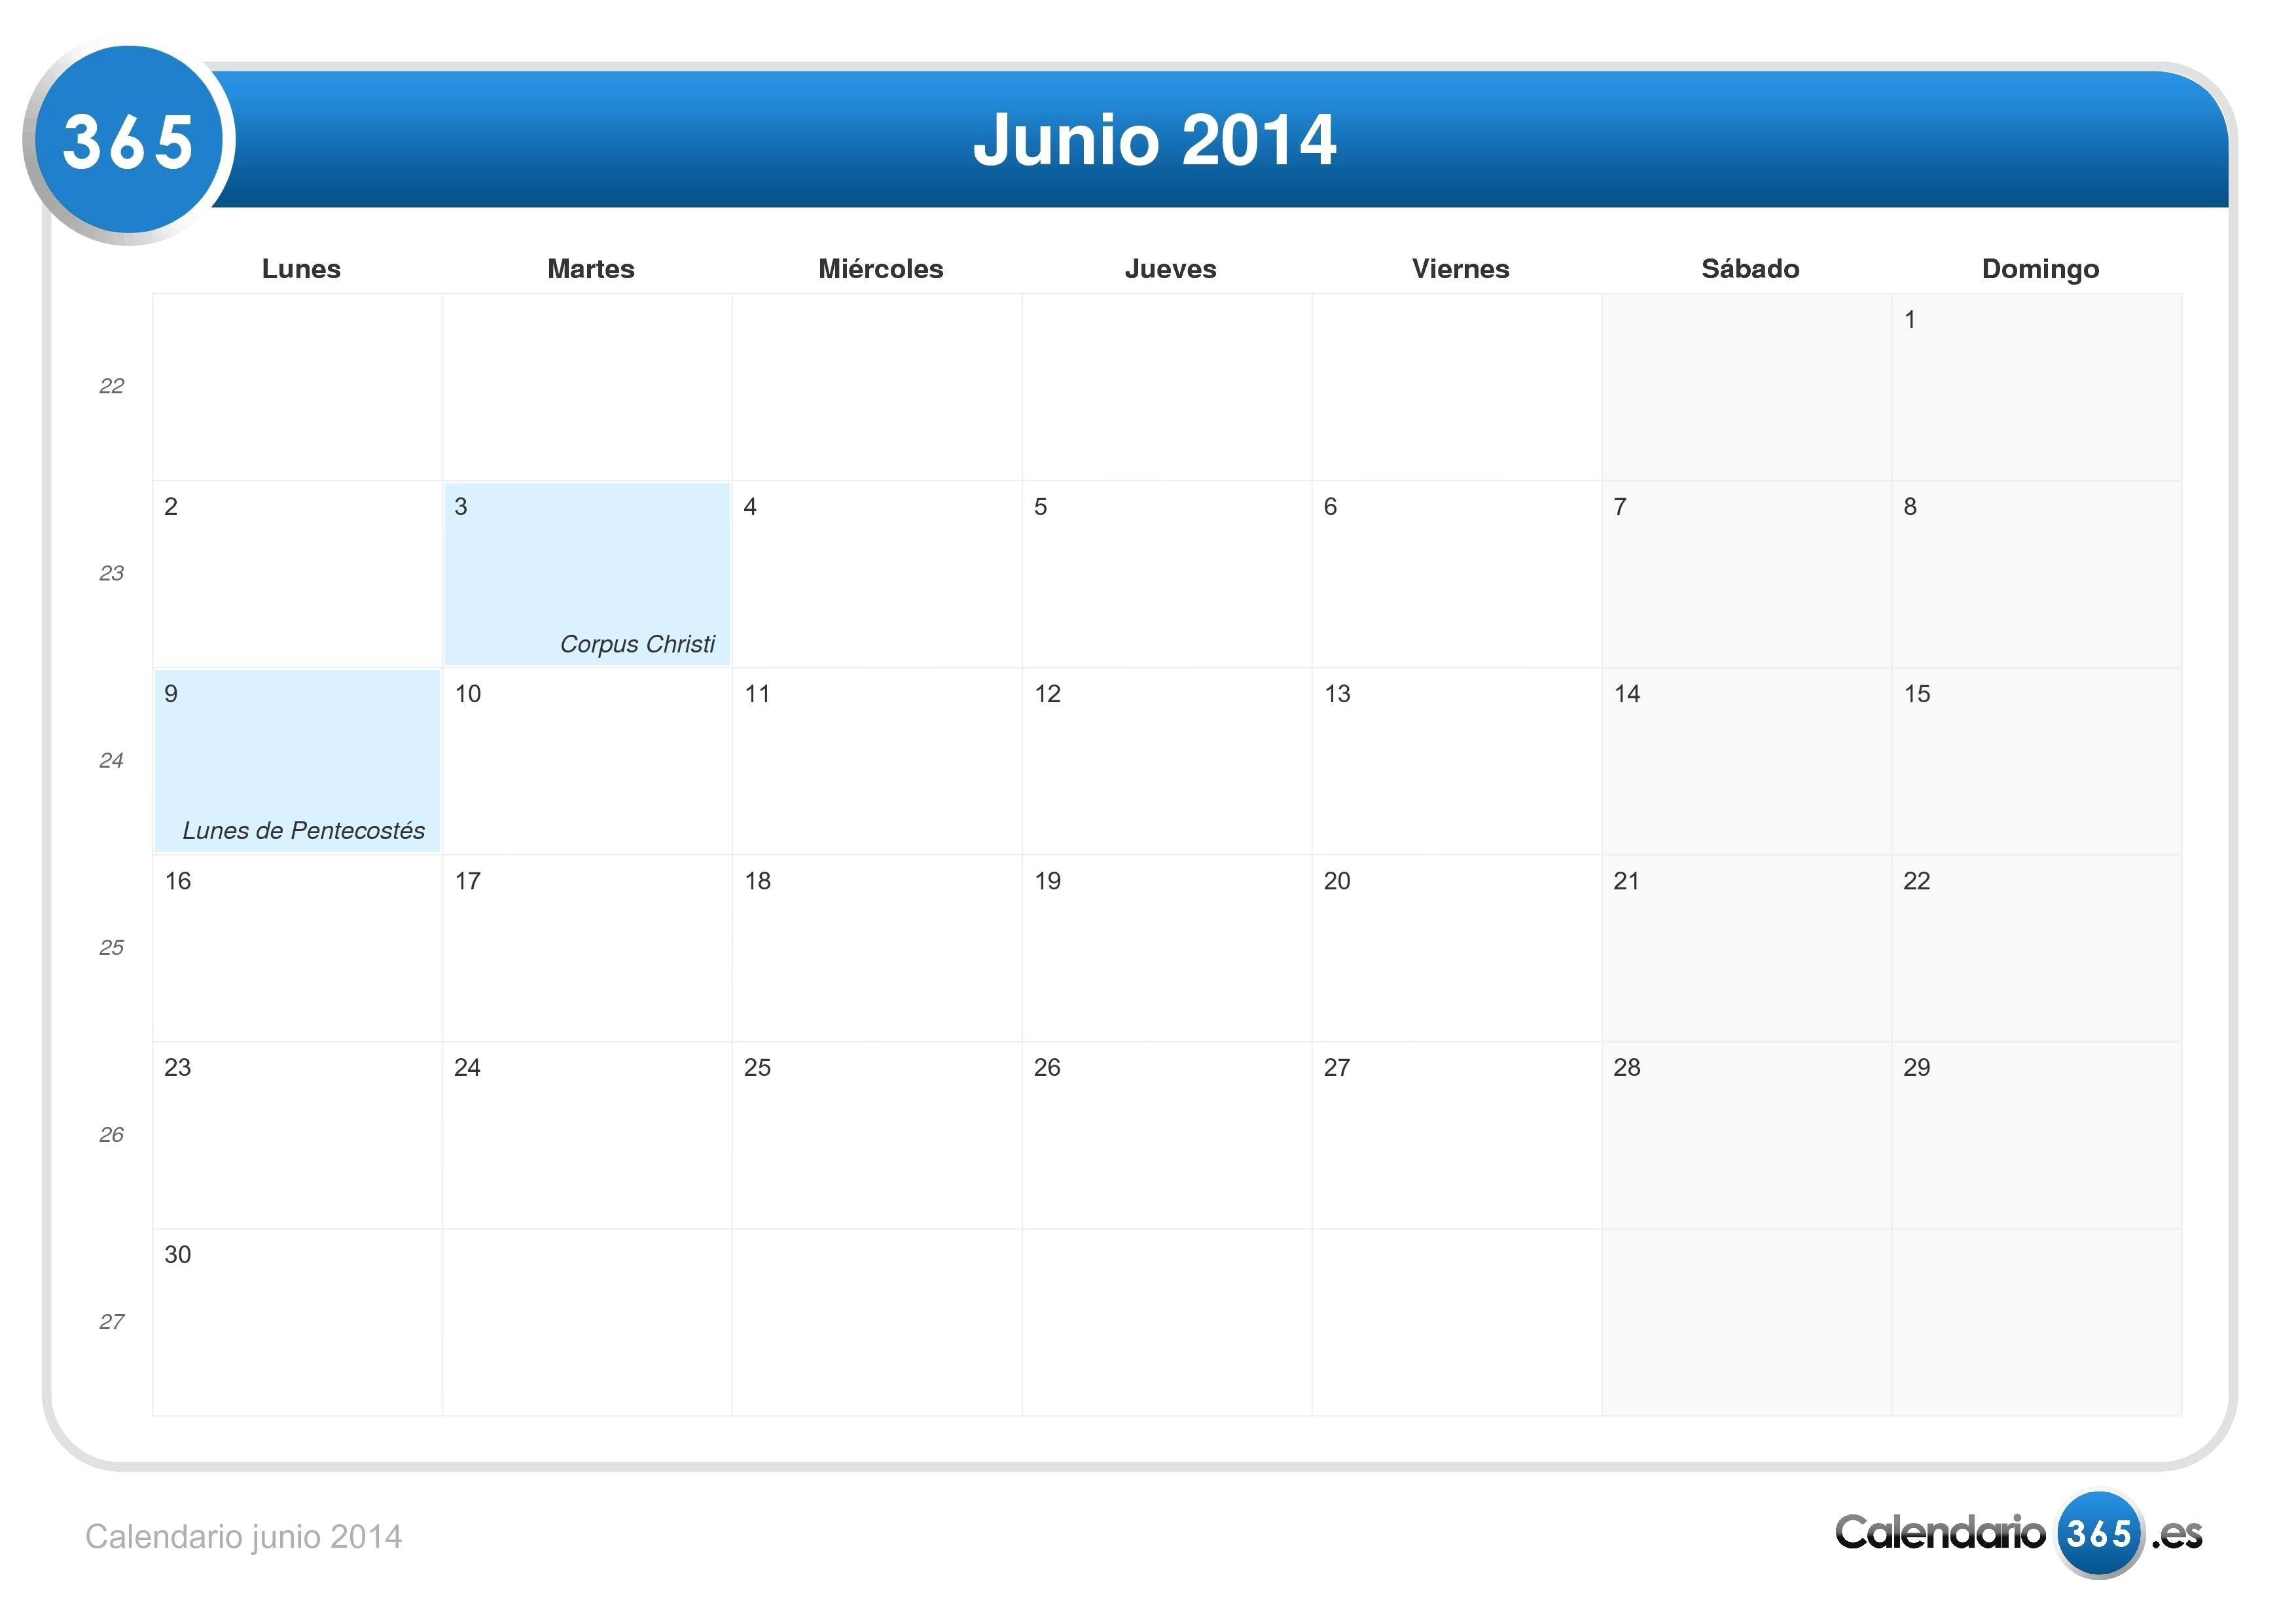 Calendario 2020 Colombia Con Festivos Word Más Recientes Calendario Junio 2014 Of Calendario 2020 Colombia Con Festivos Word Más Recientes October 2015 Calendar Fillable Printable Pdf